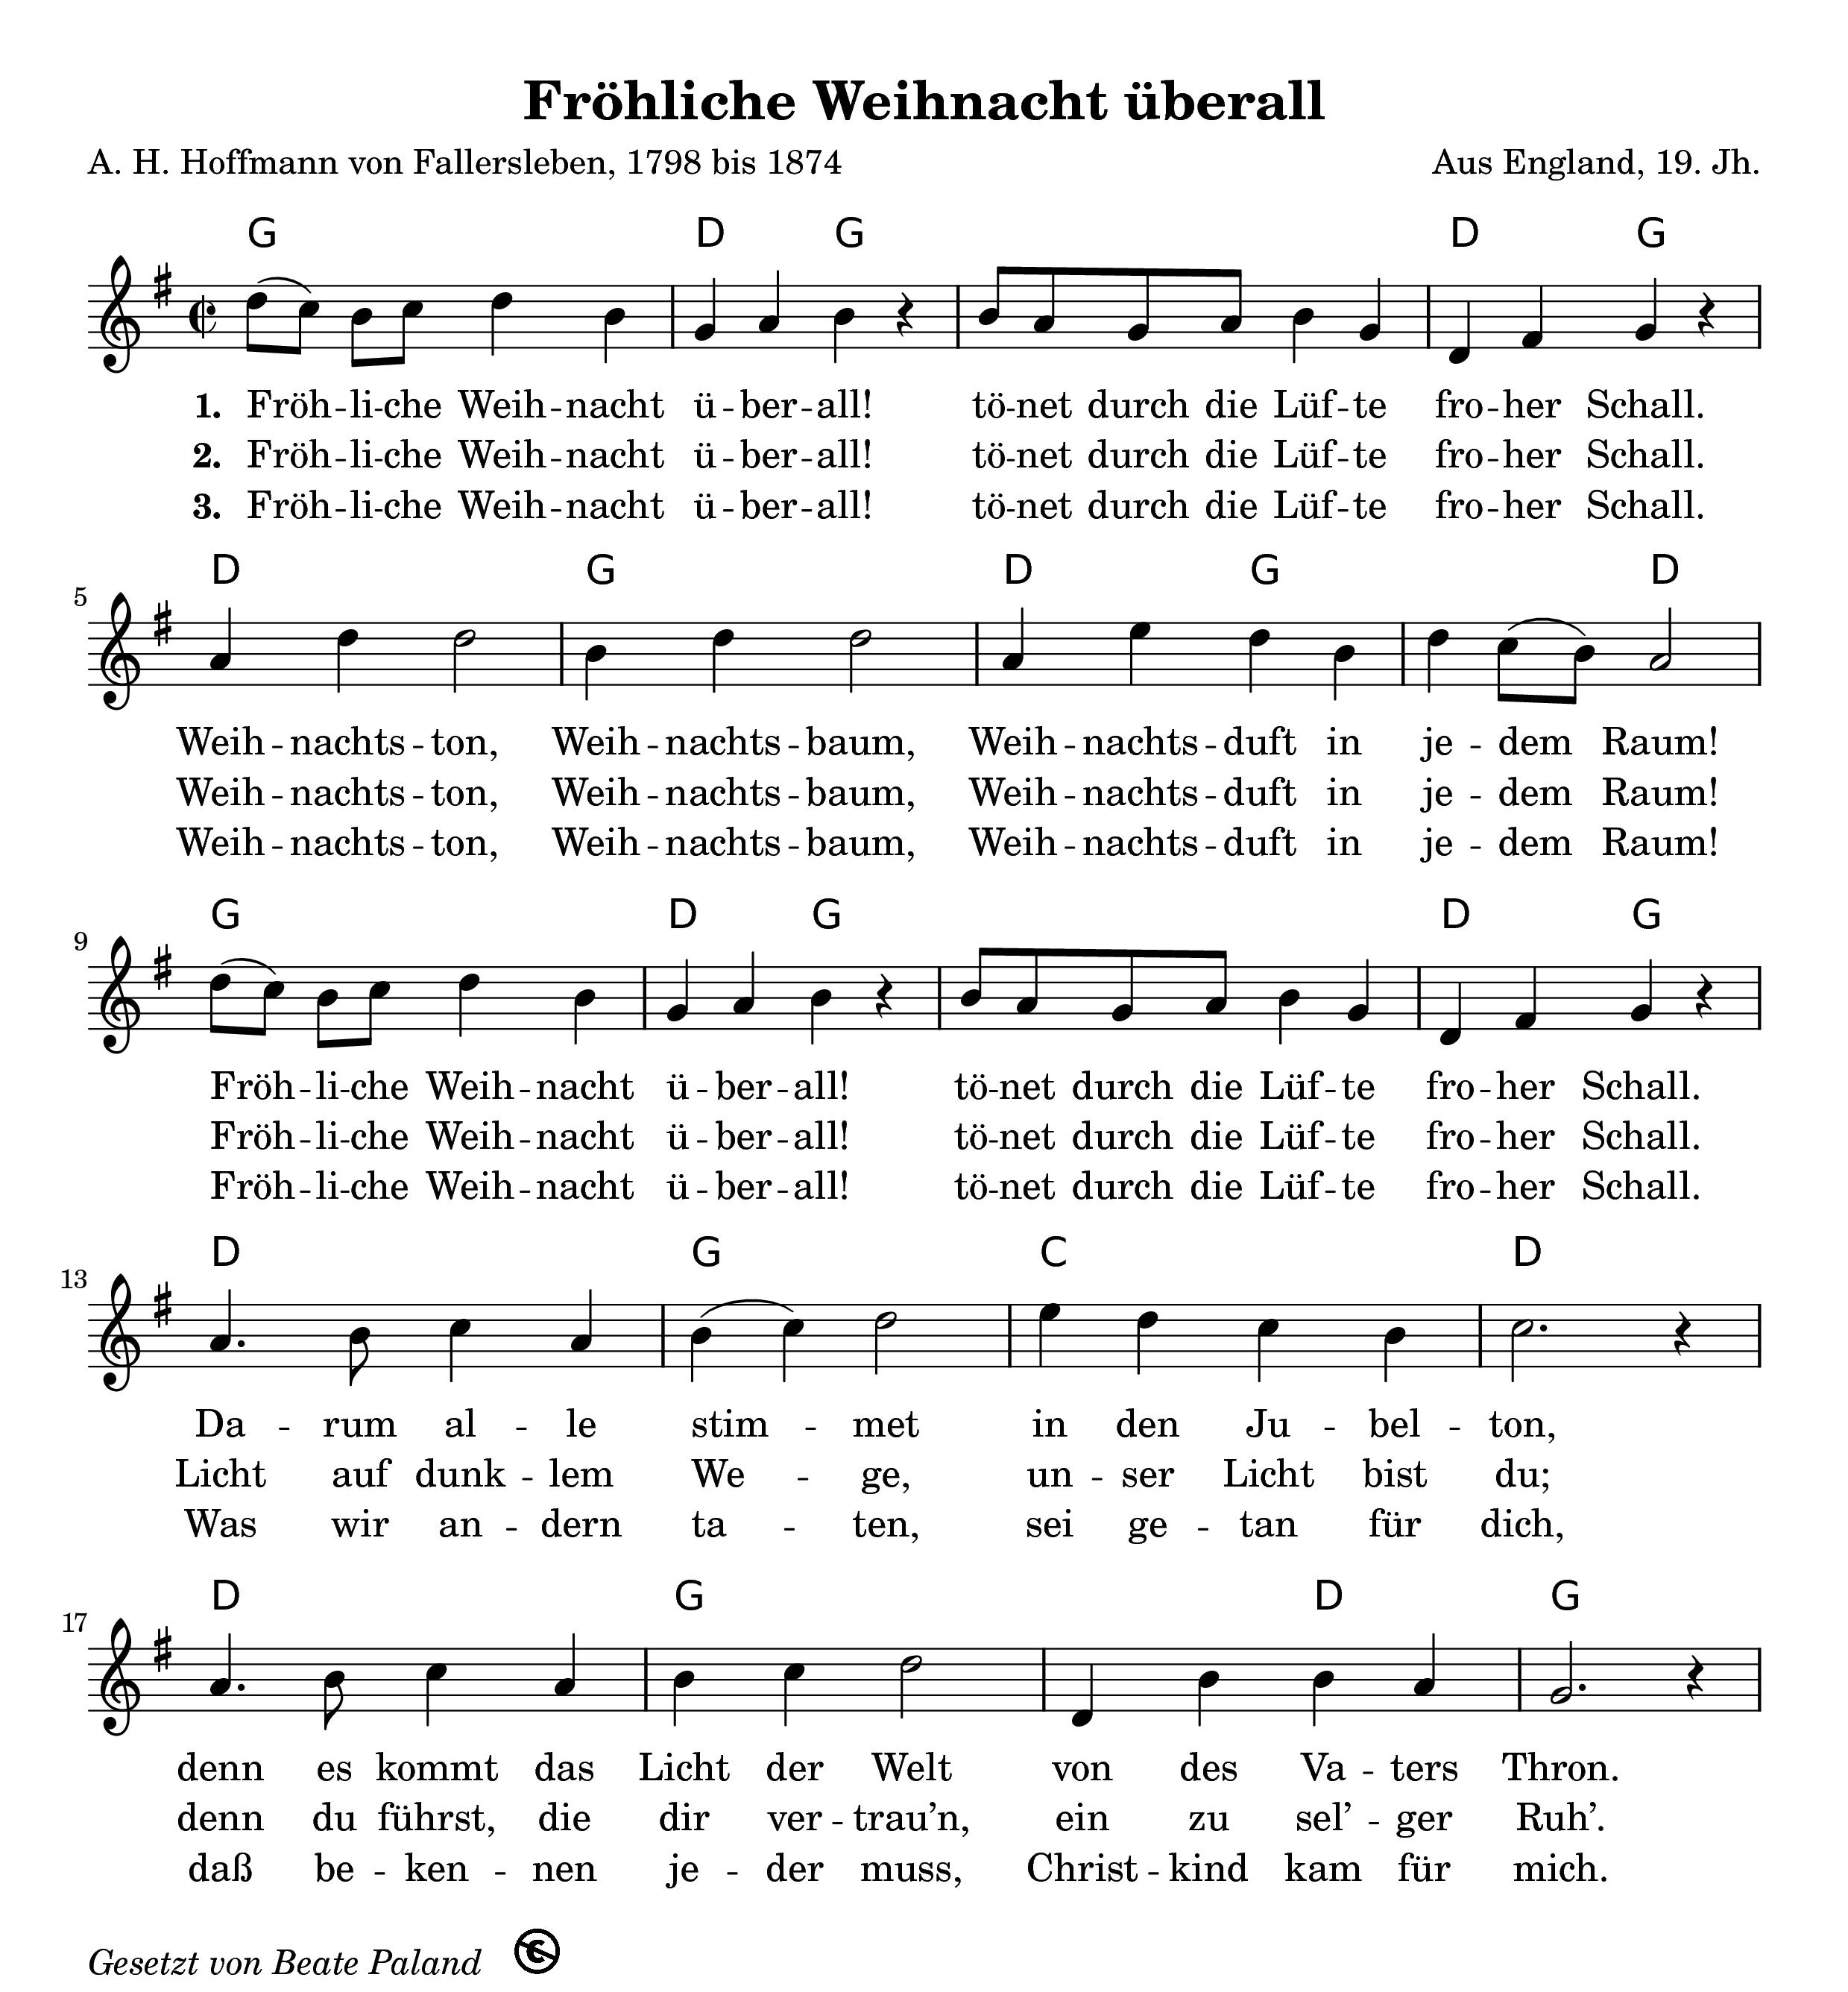 Frohliche Weihnacht Uberall Gitarrenlieder Weihnachtslieder Texte Weihnachtslieder